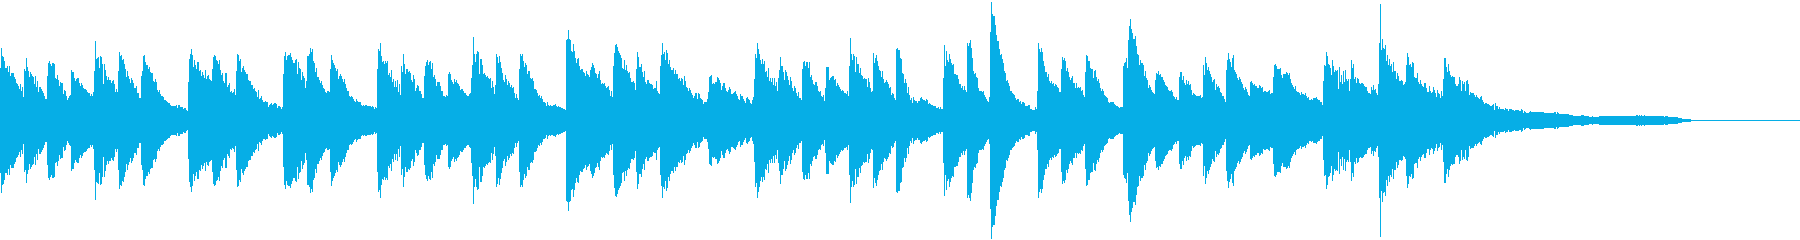 セピア色のノスタルジーなピアノジングルの再生済みの波形